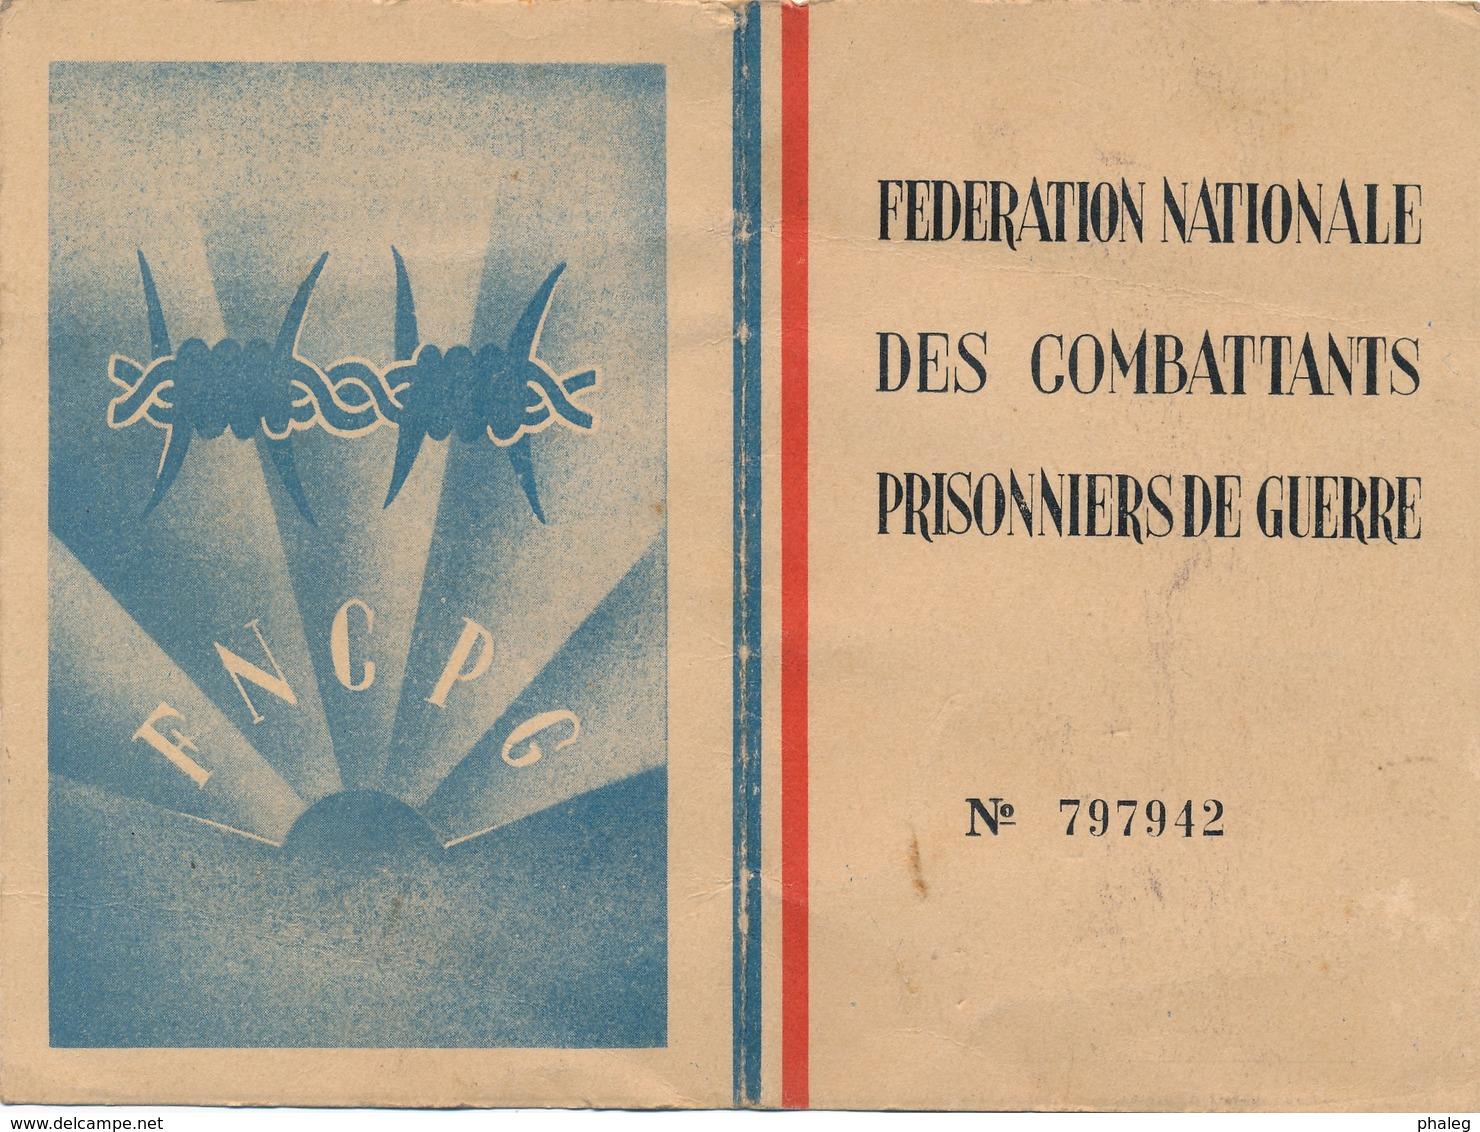 700 - Carte De La Fédération Nationale Des Combattants Prisonniers De Guerre  FNCPG - Année 1945 - Transportation Tickets